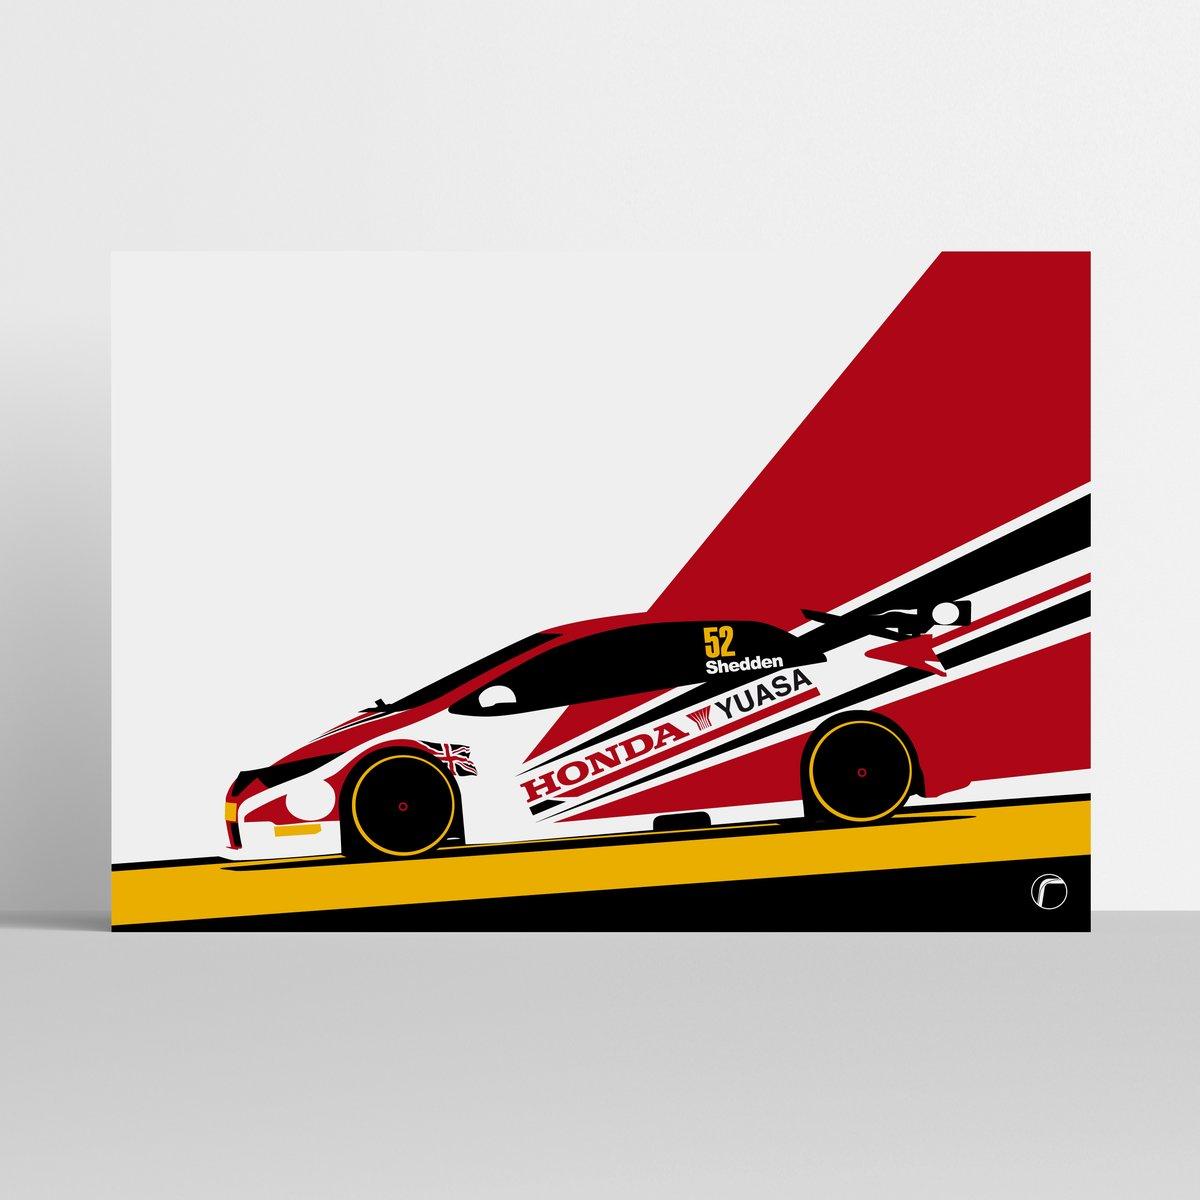 Image of Honda Yuasa | Gordon Shedden 2013